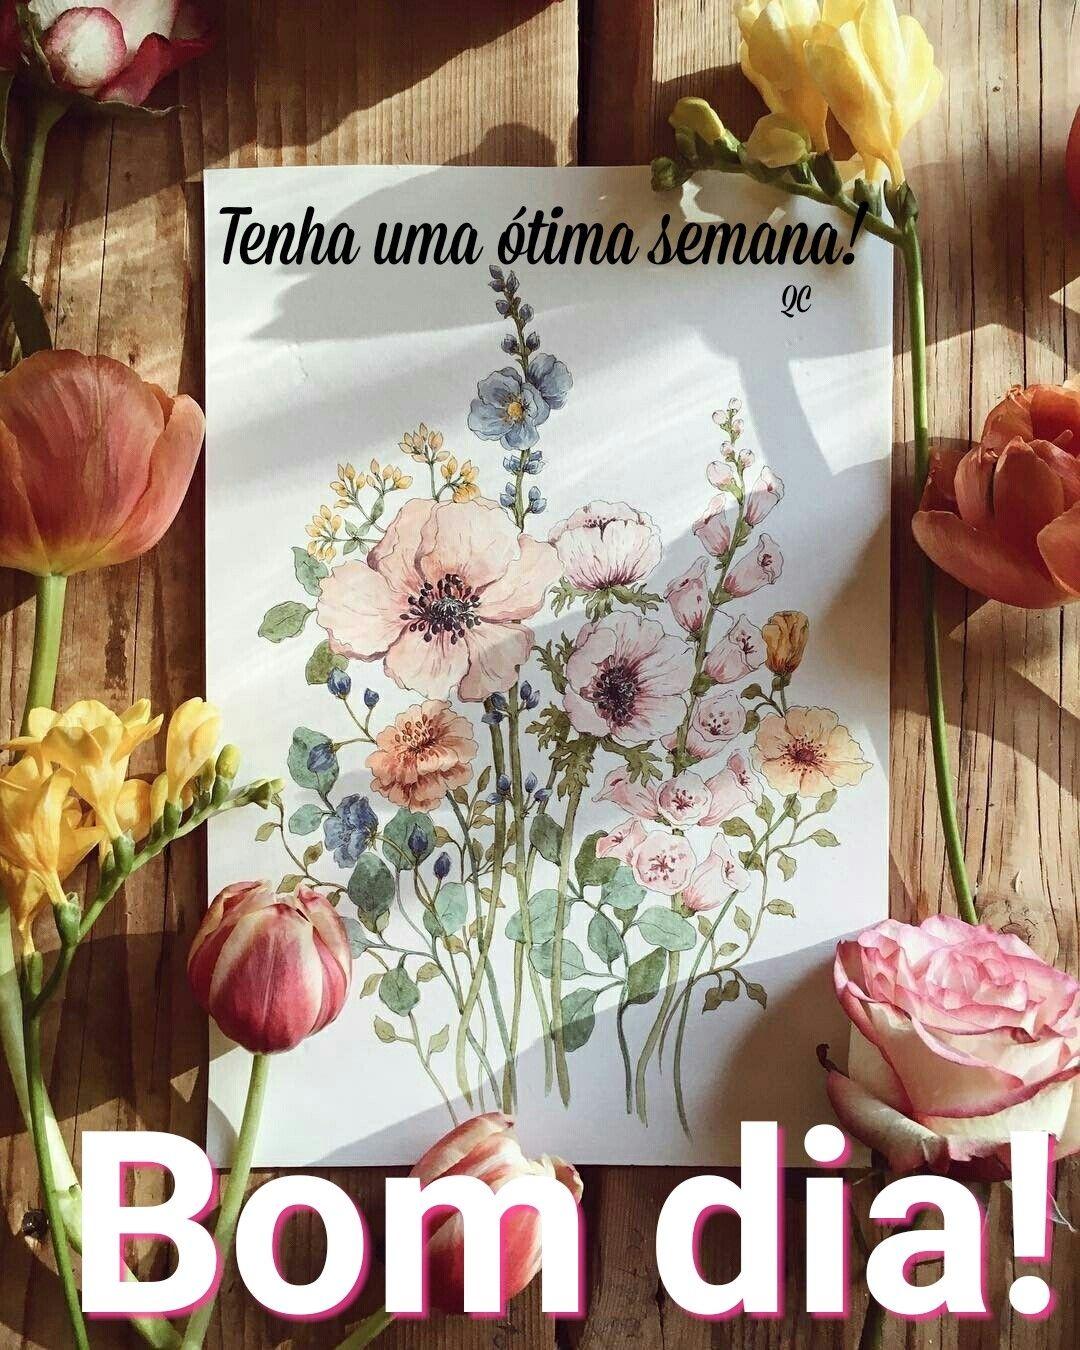 Bom Dia Com Imagens Mensagem De Feliz Semana Sms De Bom Dia